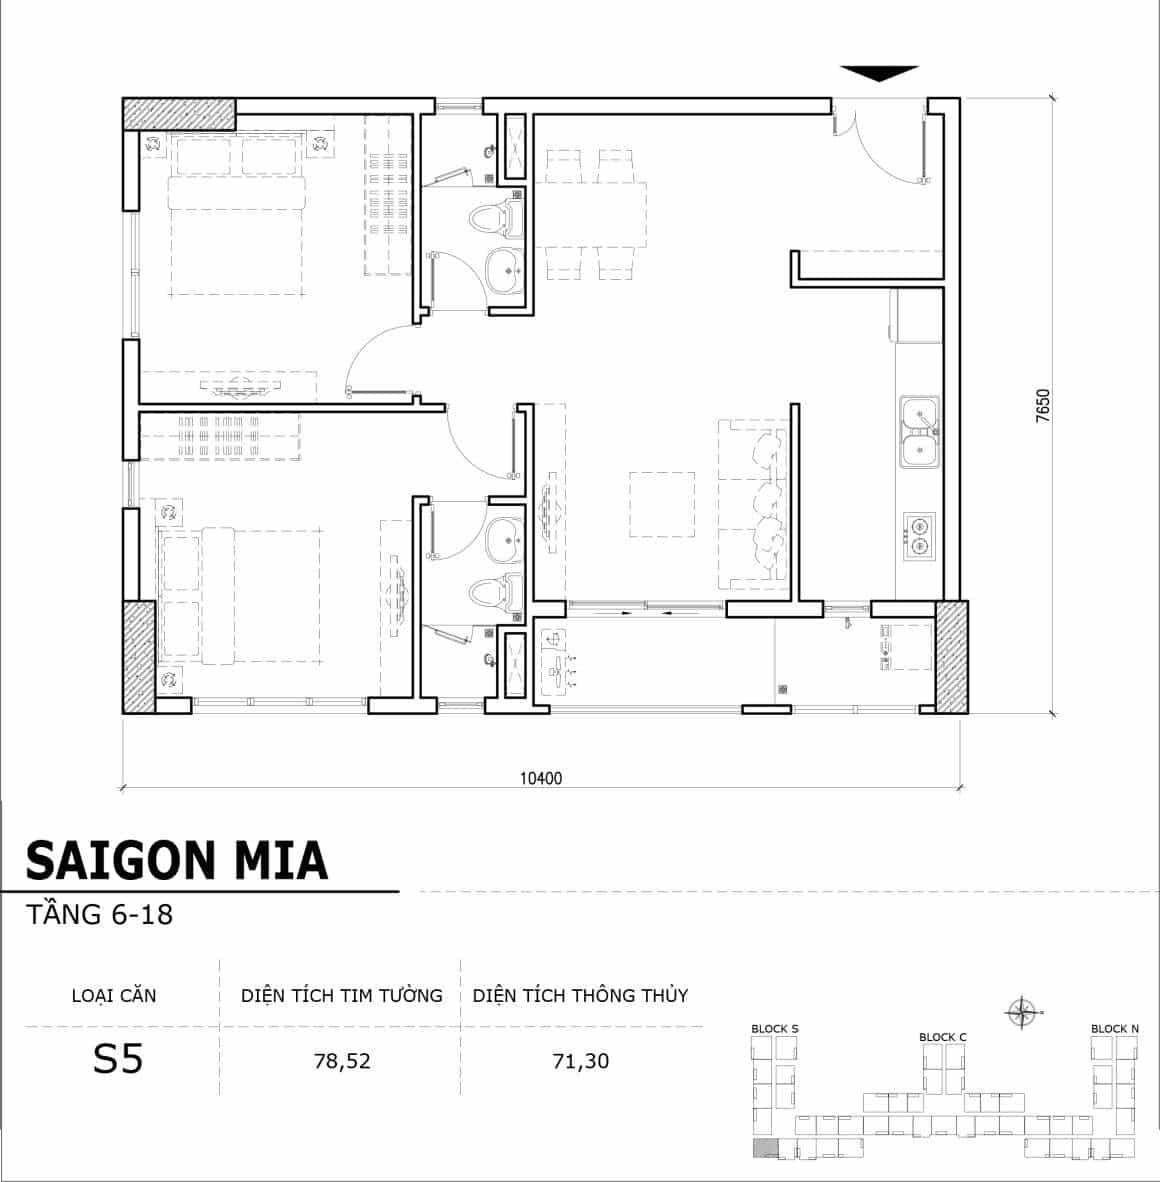 Chi tiết thiết kế căn hộ điển hình tầng 6-18 dự án Sài Gòn Mia - Căn S5